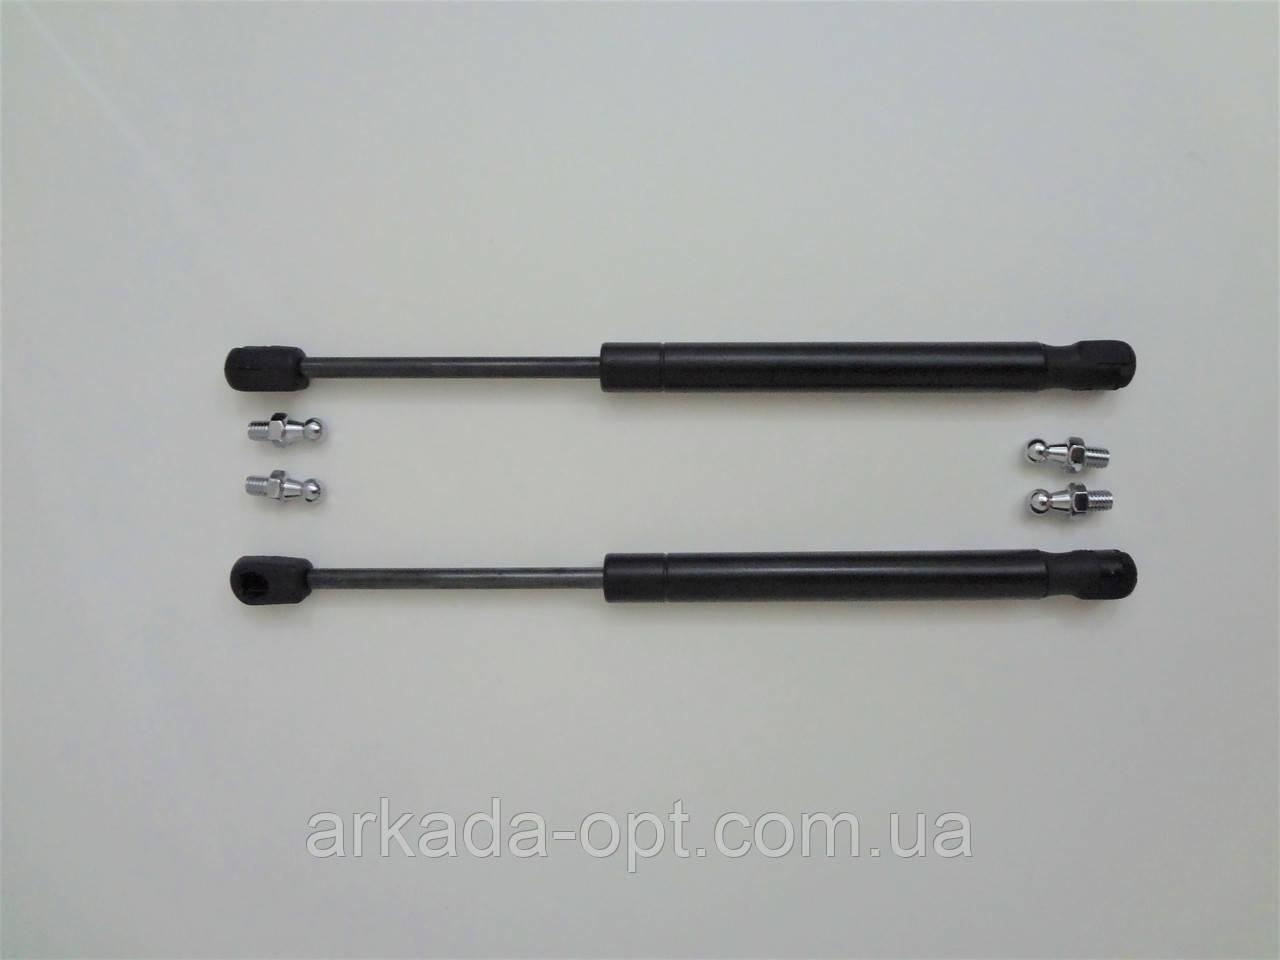 Газовый амортизатор упор двери Aurora  450мм 340Н черный GS-LA2108 комплект 2 шт.